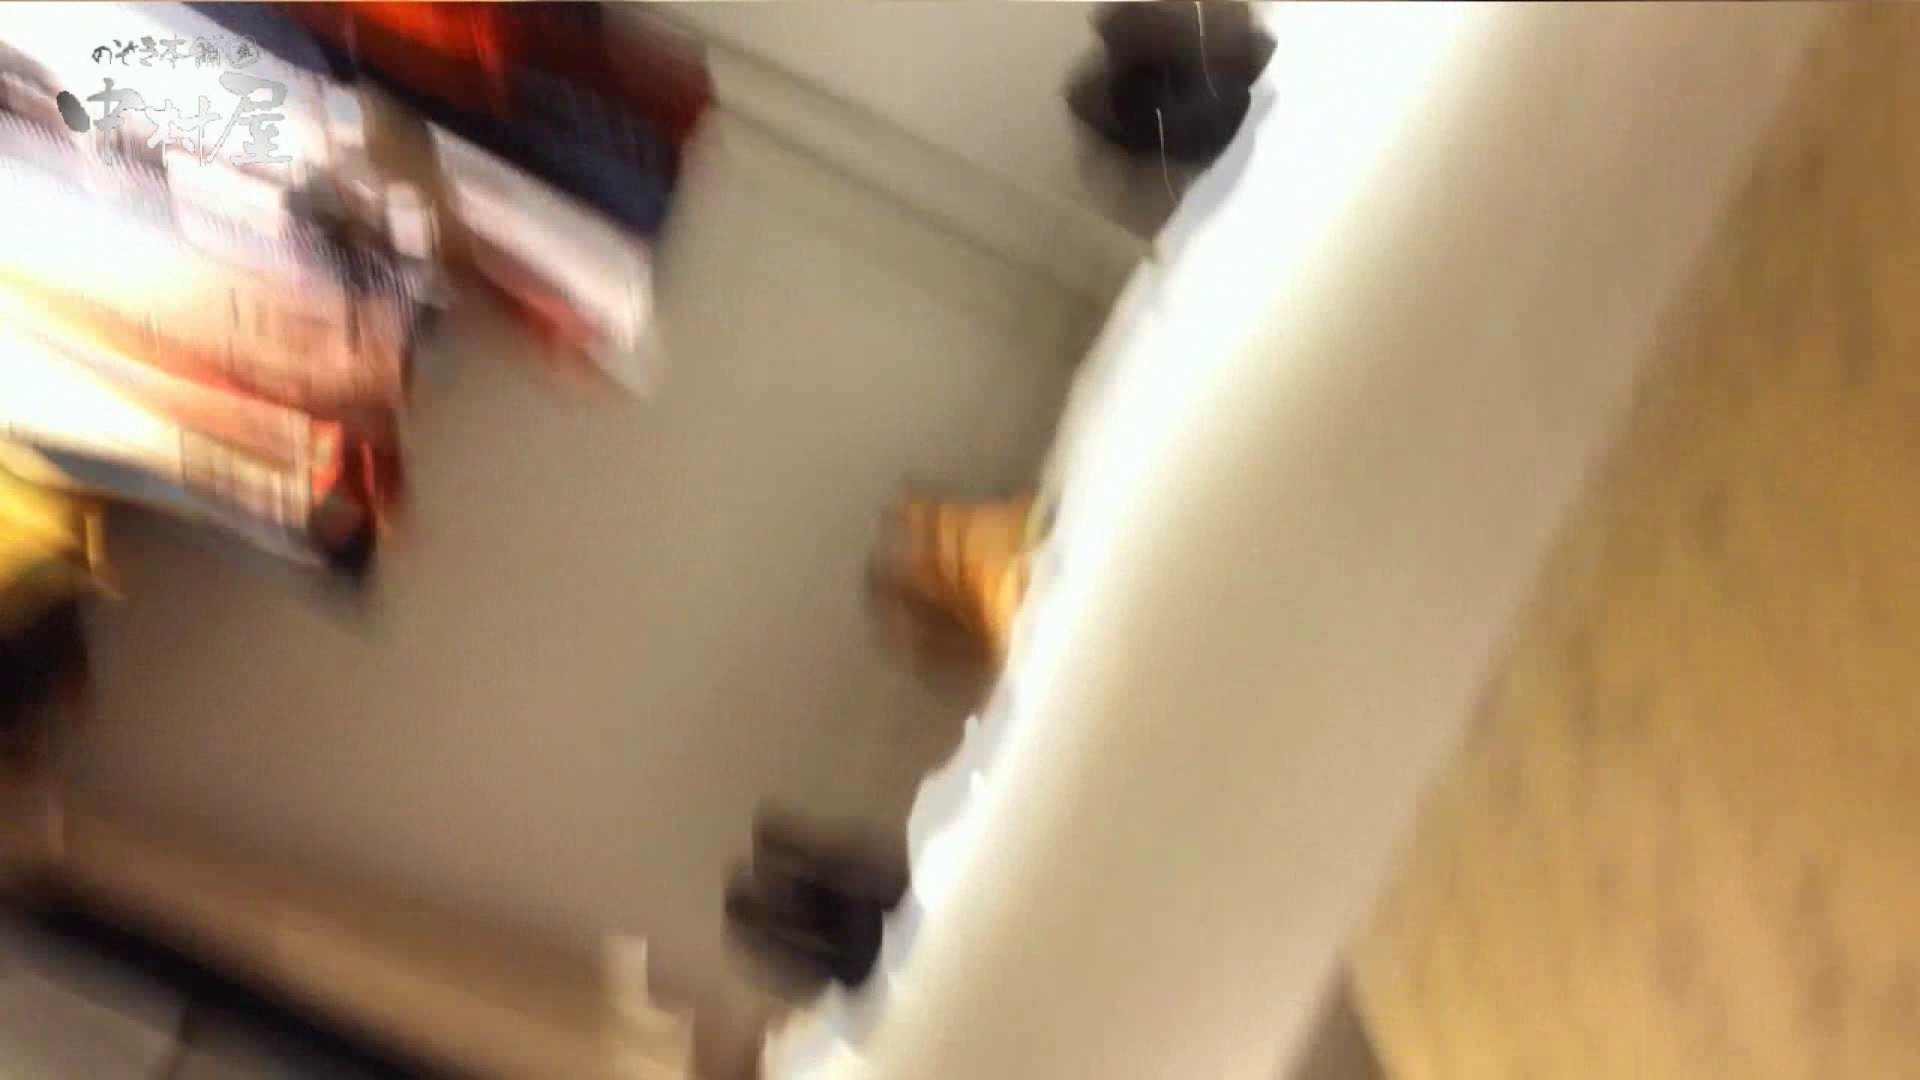 vol.84 美人アパレル胸チラ&パンチラ 帽子オネェさんに胸元アタック! チラ   接写  80pic 19